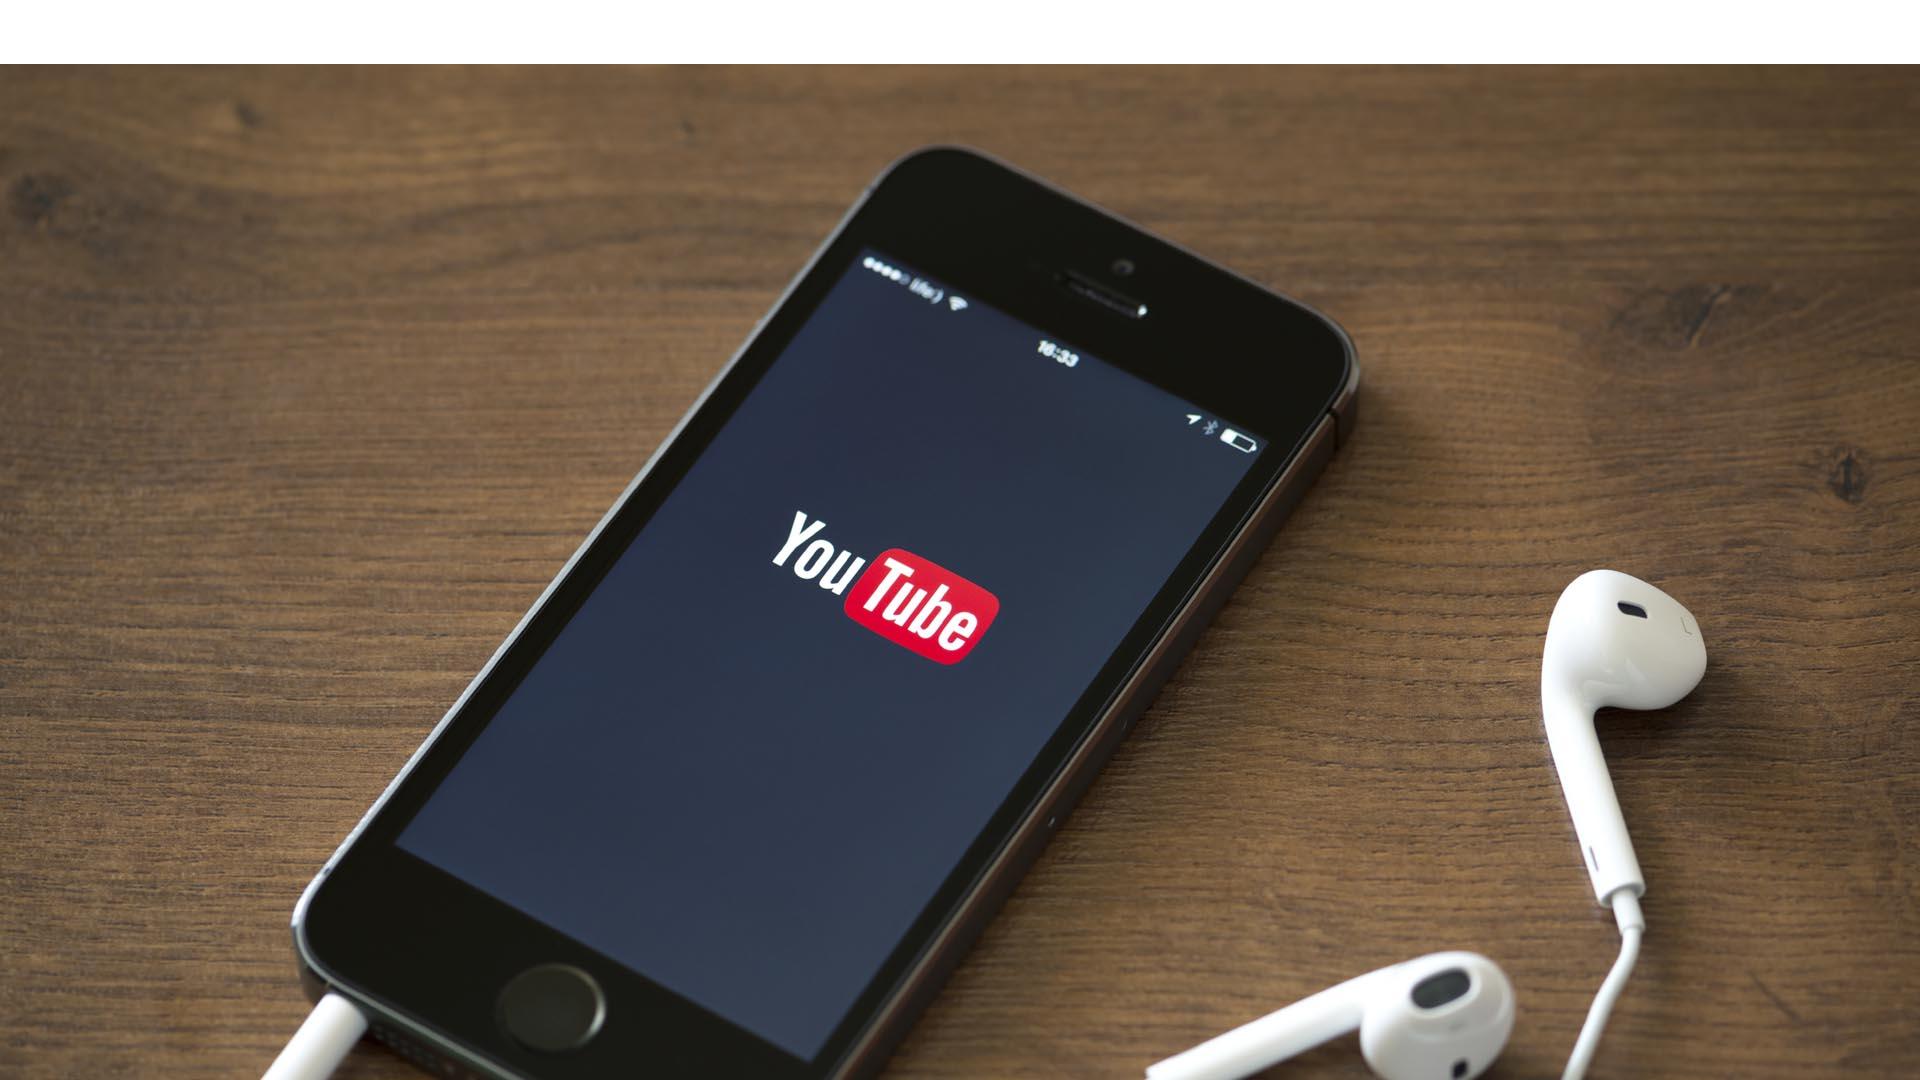 Los jóvenes prefieren utilizar el servicio de vídeo en sus teléfonos o tabletas más que una computadora de escritorio